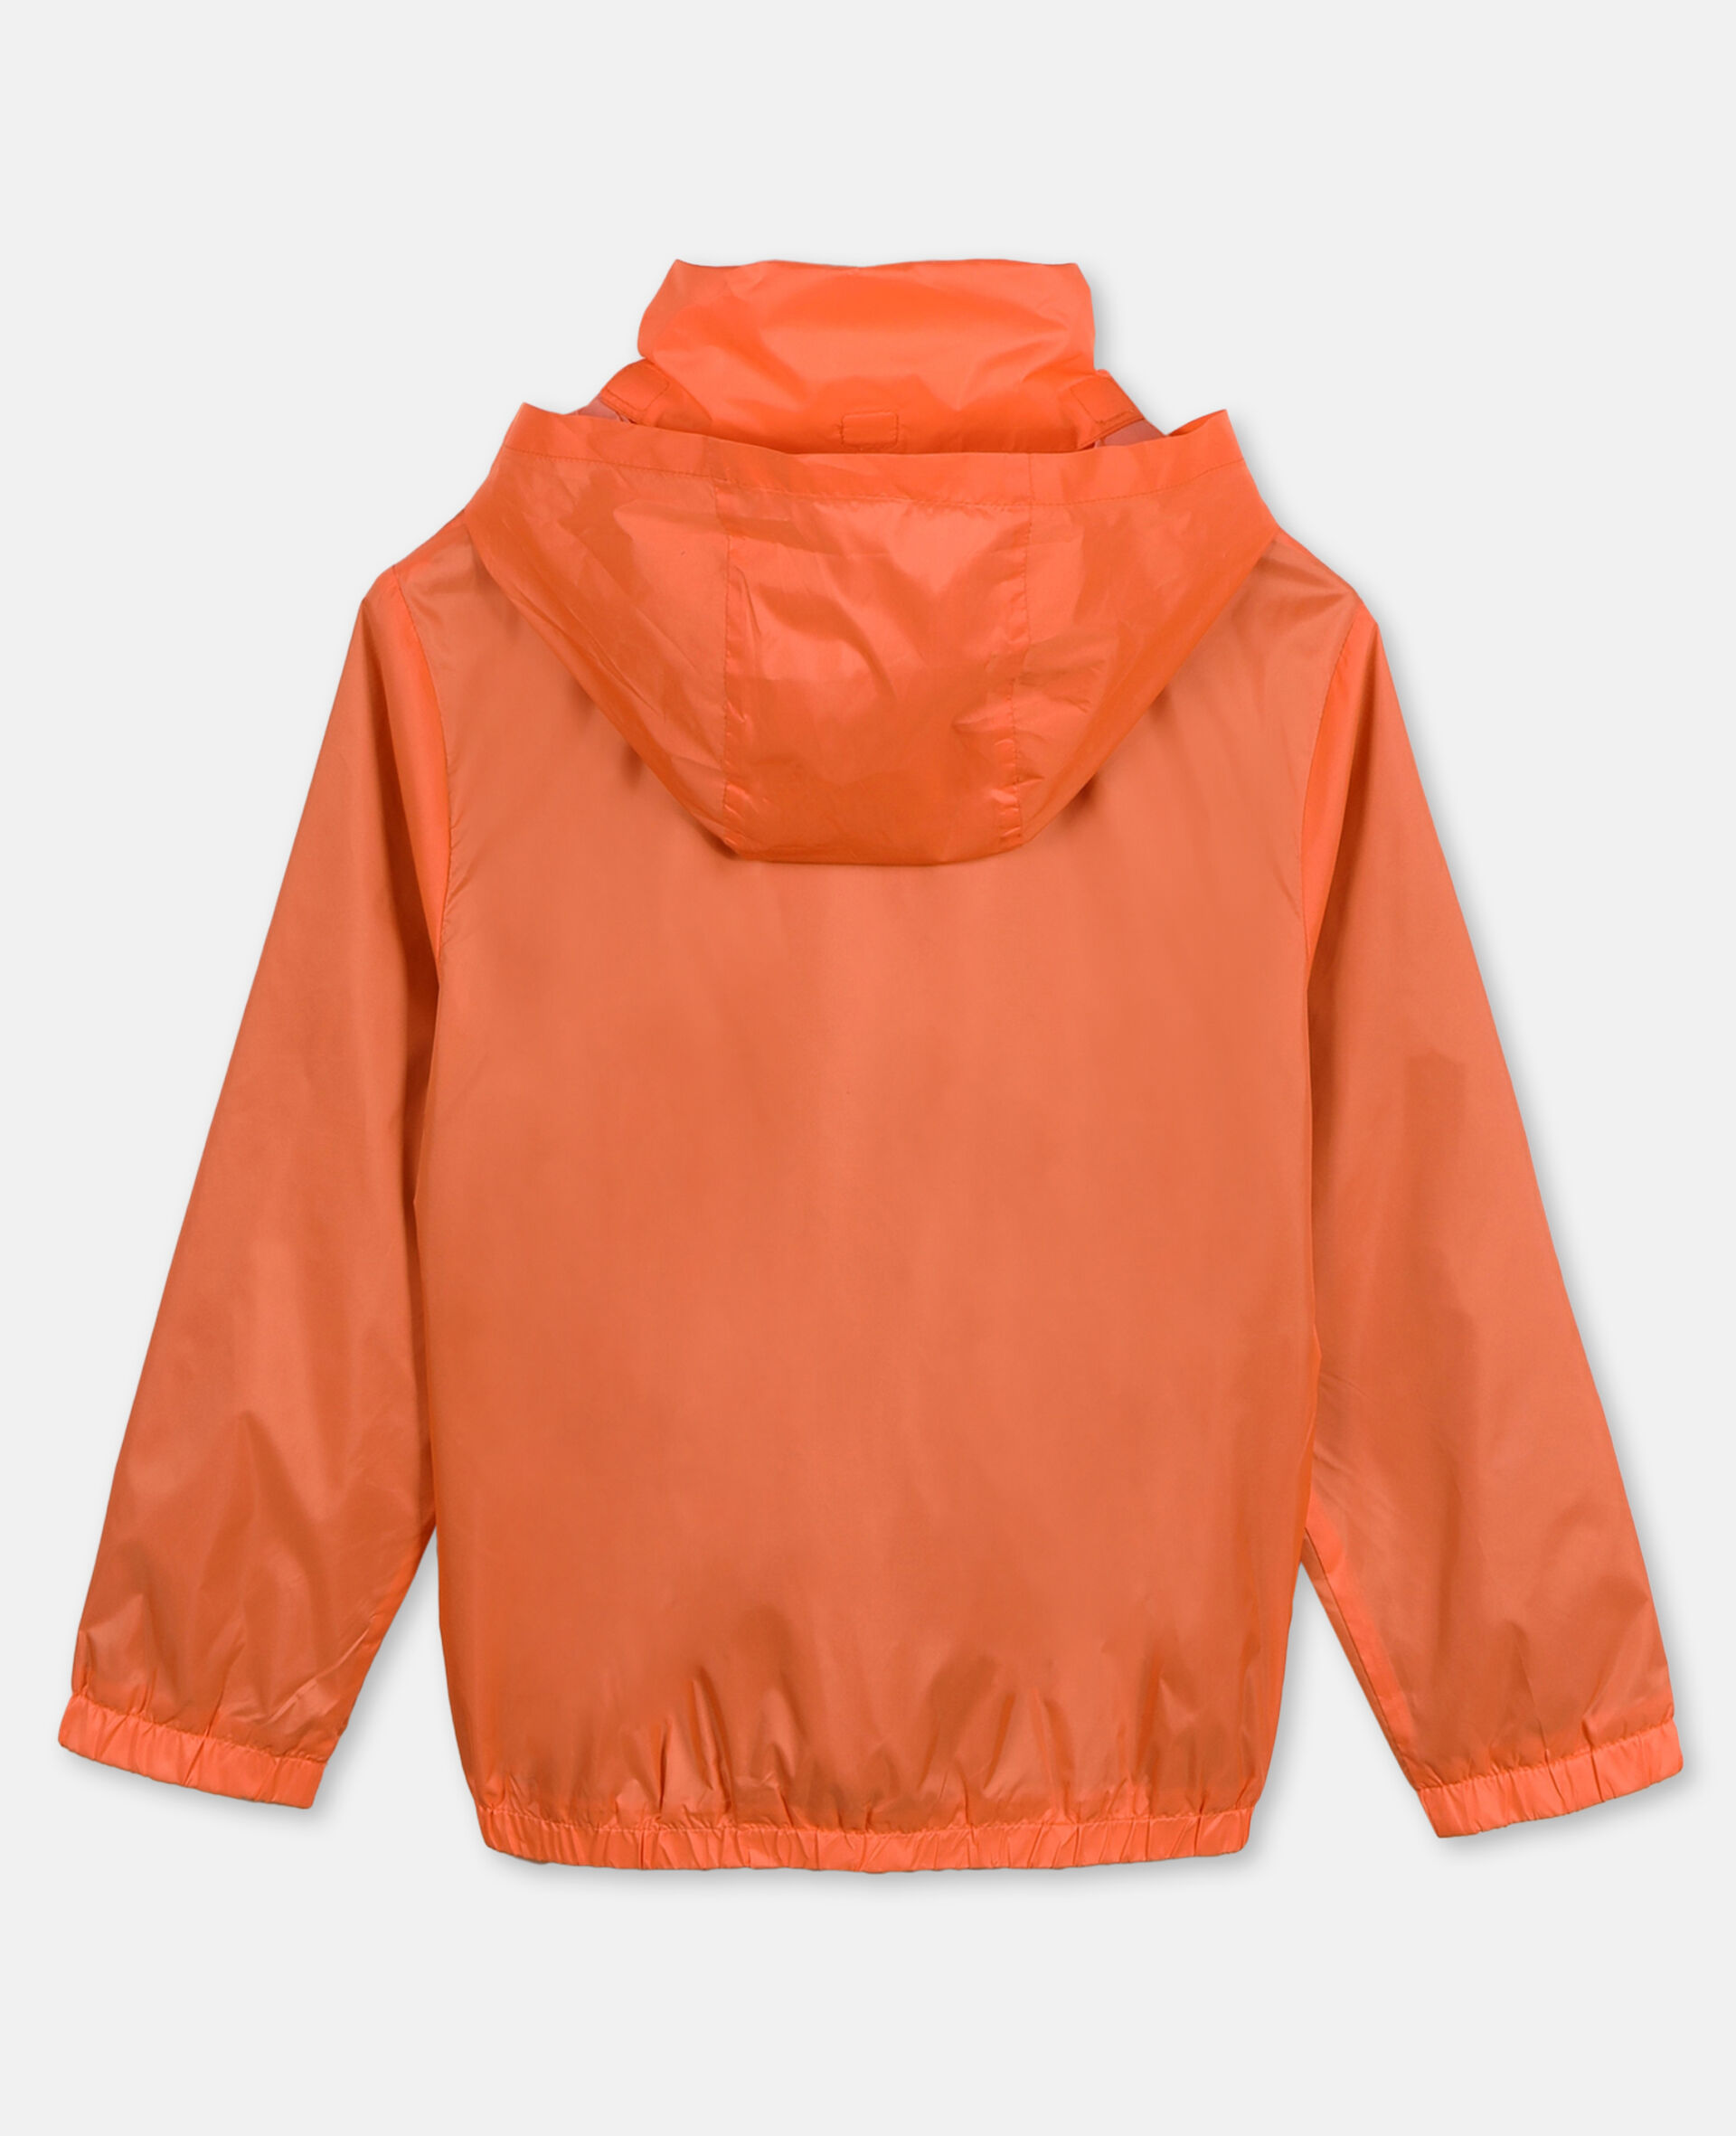 Logo Nylon Active Jacket -Orange-large image number 3